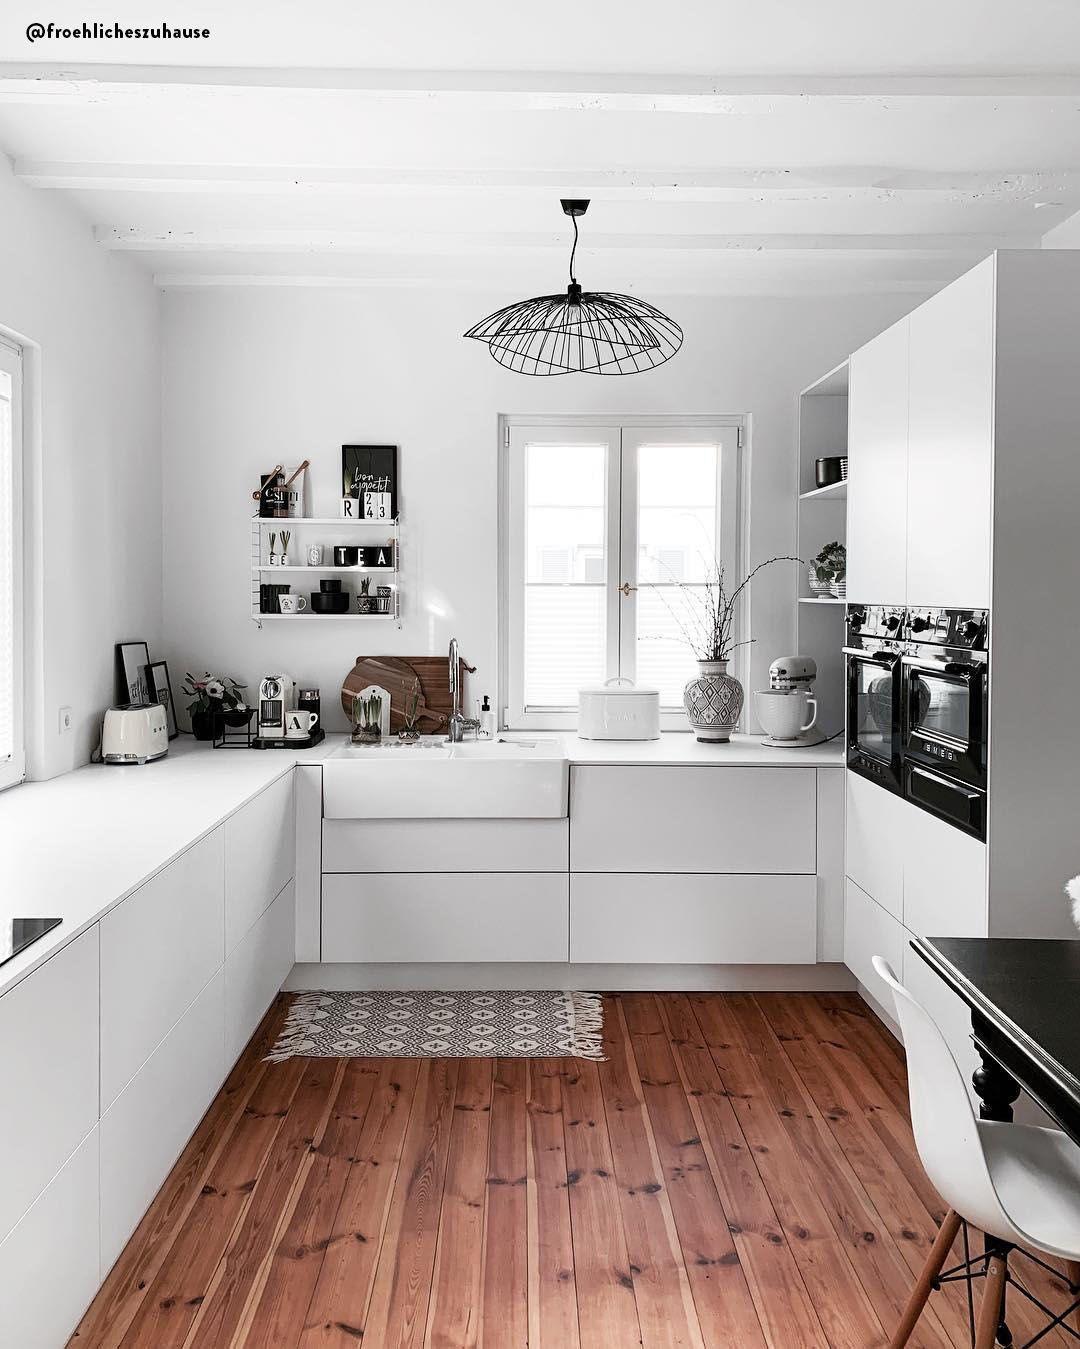 CUCINA MODERNA - Il bianco è simbolo di pulizia, minimalismo ...